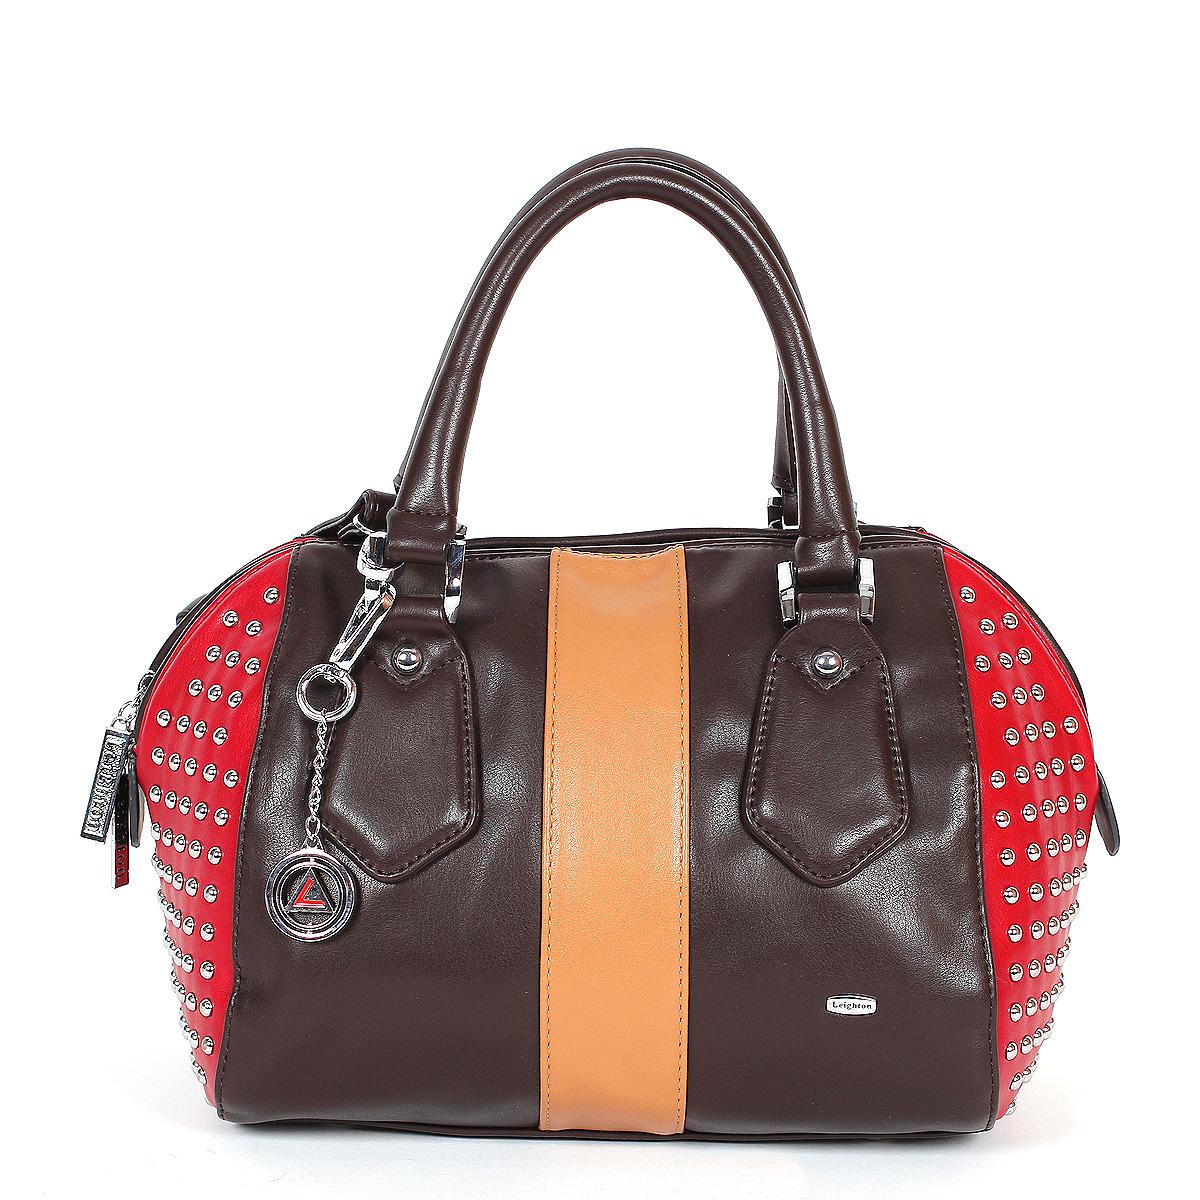 Сумка женская Leighton, цвет: коричневый, красный. 520306-1166/201/1166/619/1166/206520306-1166/201/1166/619/Стильная женская сумка Leighton выполнена из высококачественной искусственной кожи с отделкой из замши контрастного цвета. Боковые стороны сумки декорированы металлическими заклепками. Сумка имеет одно вместительное отделение, закрывающееся на застежку-молнию. Внутри располагается вшитый карман на застежке-молнии, образующий дополнительное малое отделение, а также два открытых кармана для мелочей и один прорезной карман на молнии. С внешней стороны на задней стенке расположен карман на молнии. Сумка оснащена двумя ручками. В комплекте чехол для хранения и плечевой ремень. Фурнитура - серебристого цвета. Сумка - это стильный аксессуар, который подчеркнет вашу индивидуальность и сделает ваш образ завершенным. Классическое цветовое сочетание, стильный декор, модный дизайн - прекрасное дополнение к гардеробу модницы.